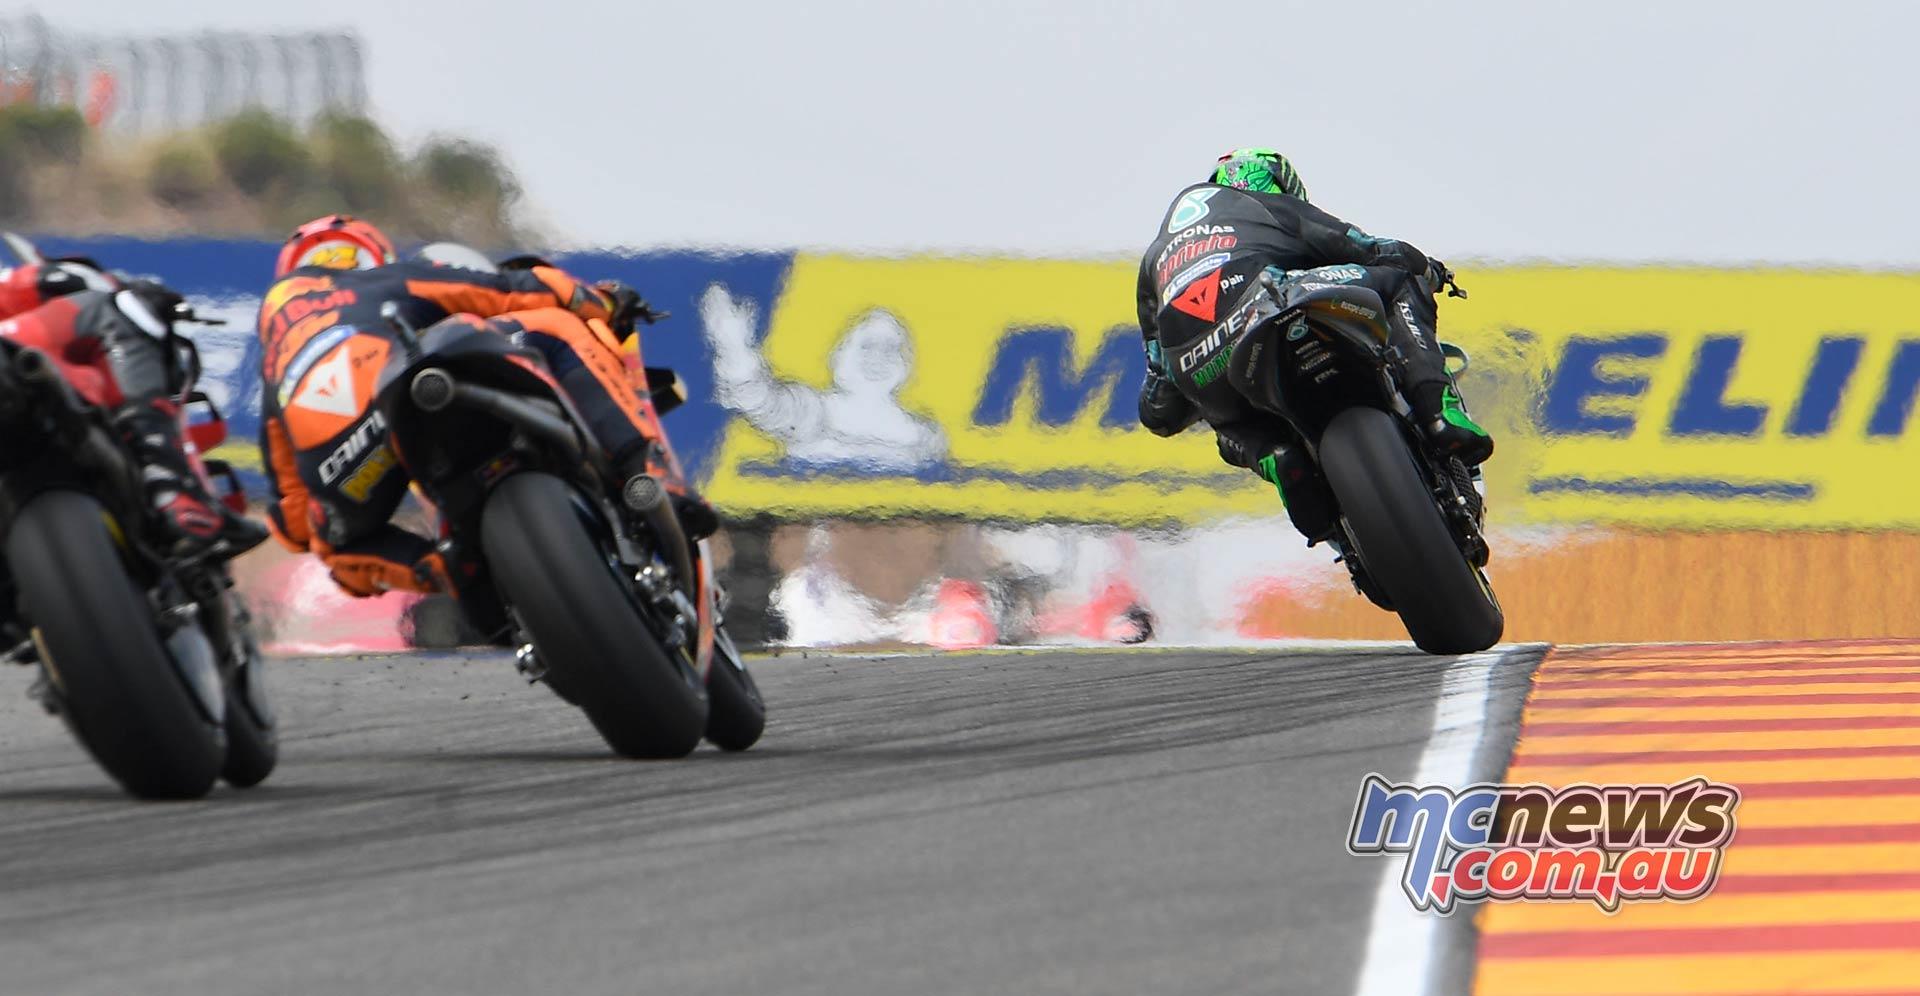 MotoGP Rnd Aragon Morbidelli